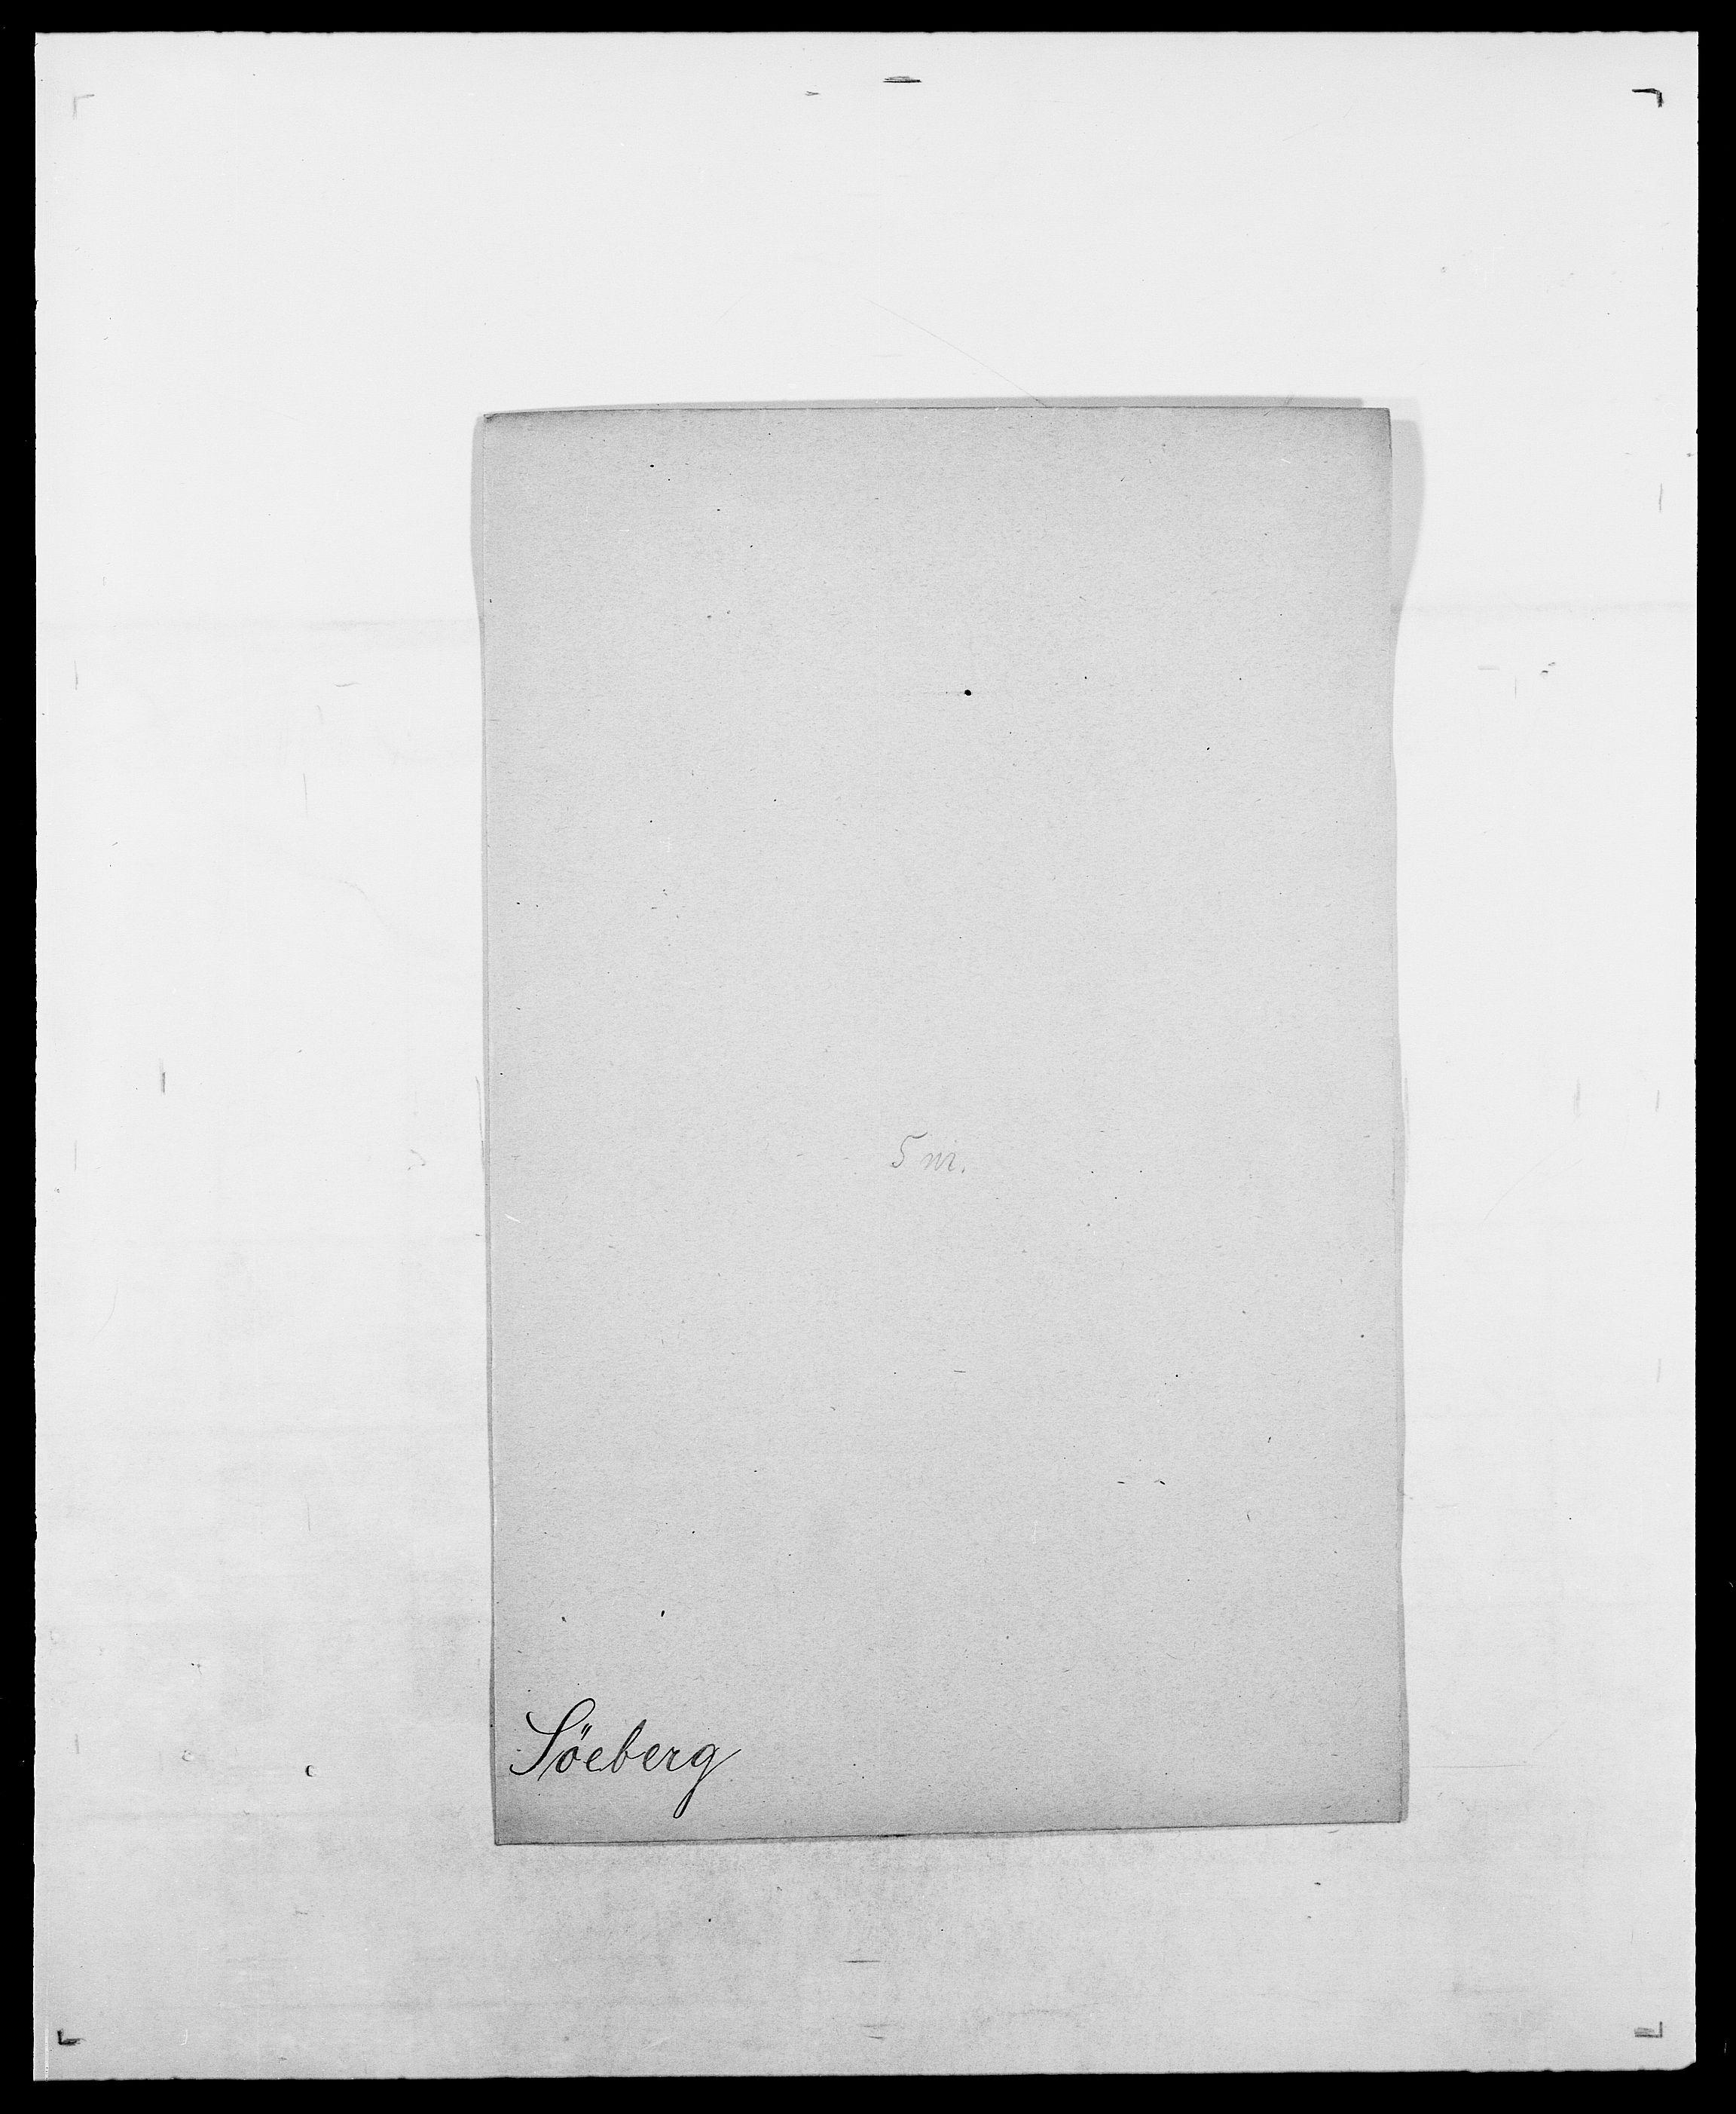 SAO, Delgobe, Charles Antoine - samling, D/Da/L0038: Svanenskjold - Thornsohn, s. 148